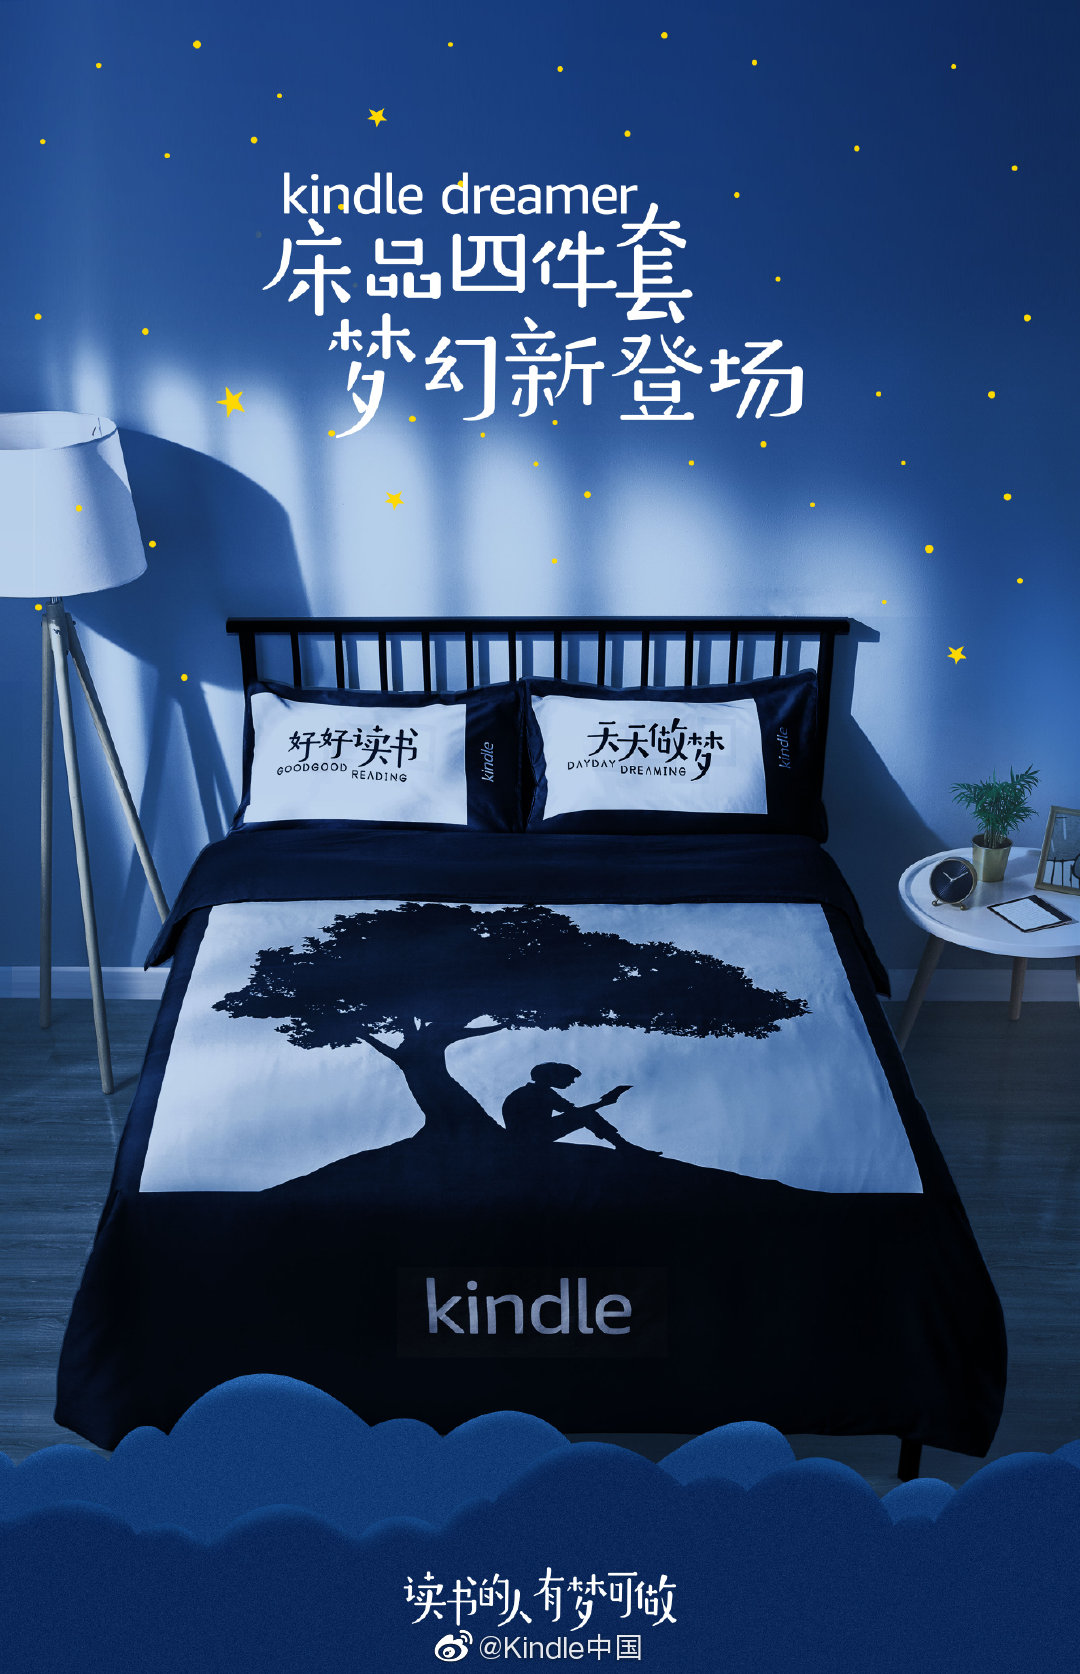 「indle」Kindle却让人好好做梦?,世界读书日